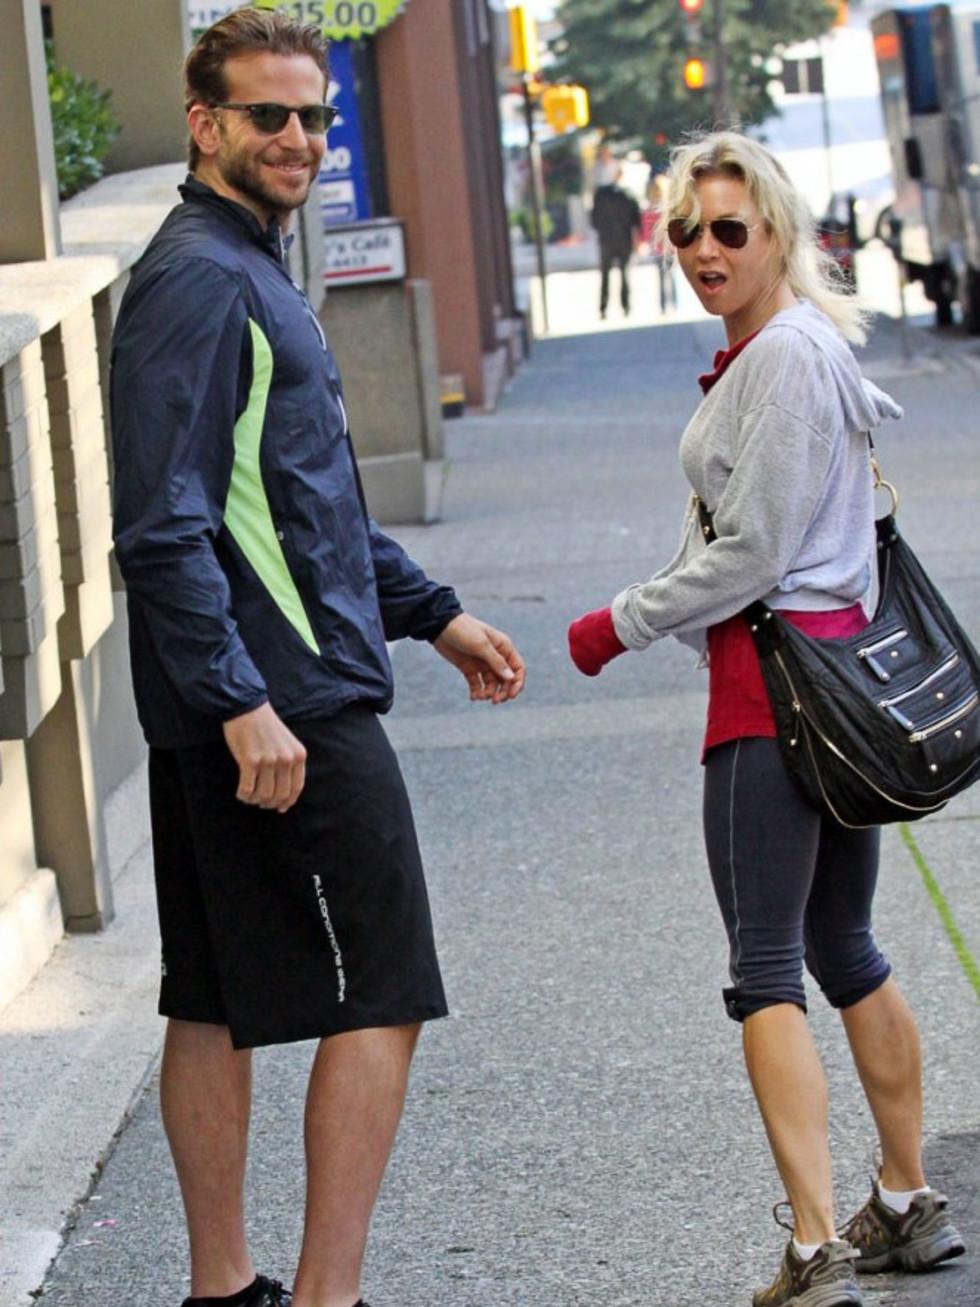 News_Bradley Cooper_Renee Zellweger